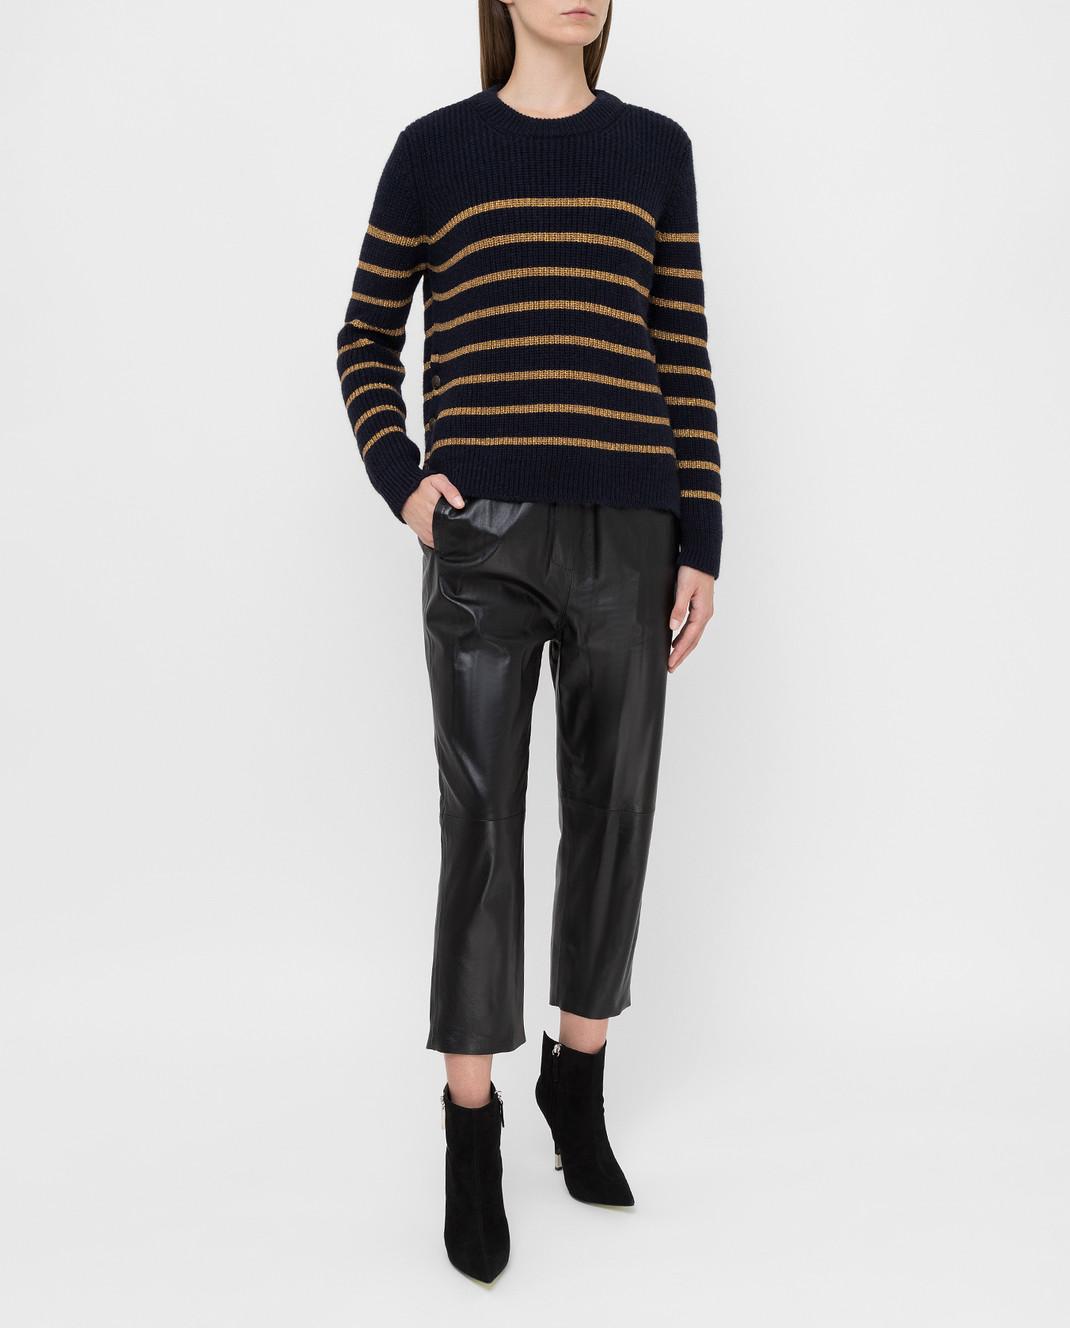 Twin Set Темно-синий свитер изображение 2